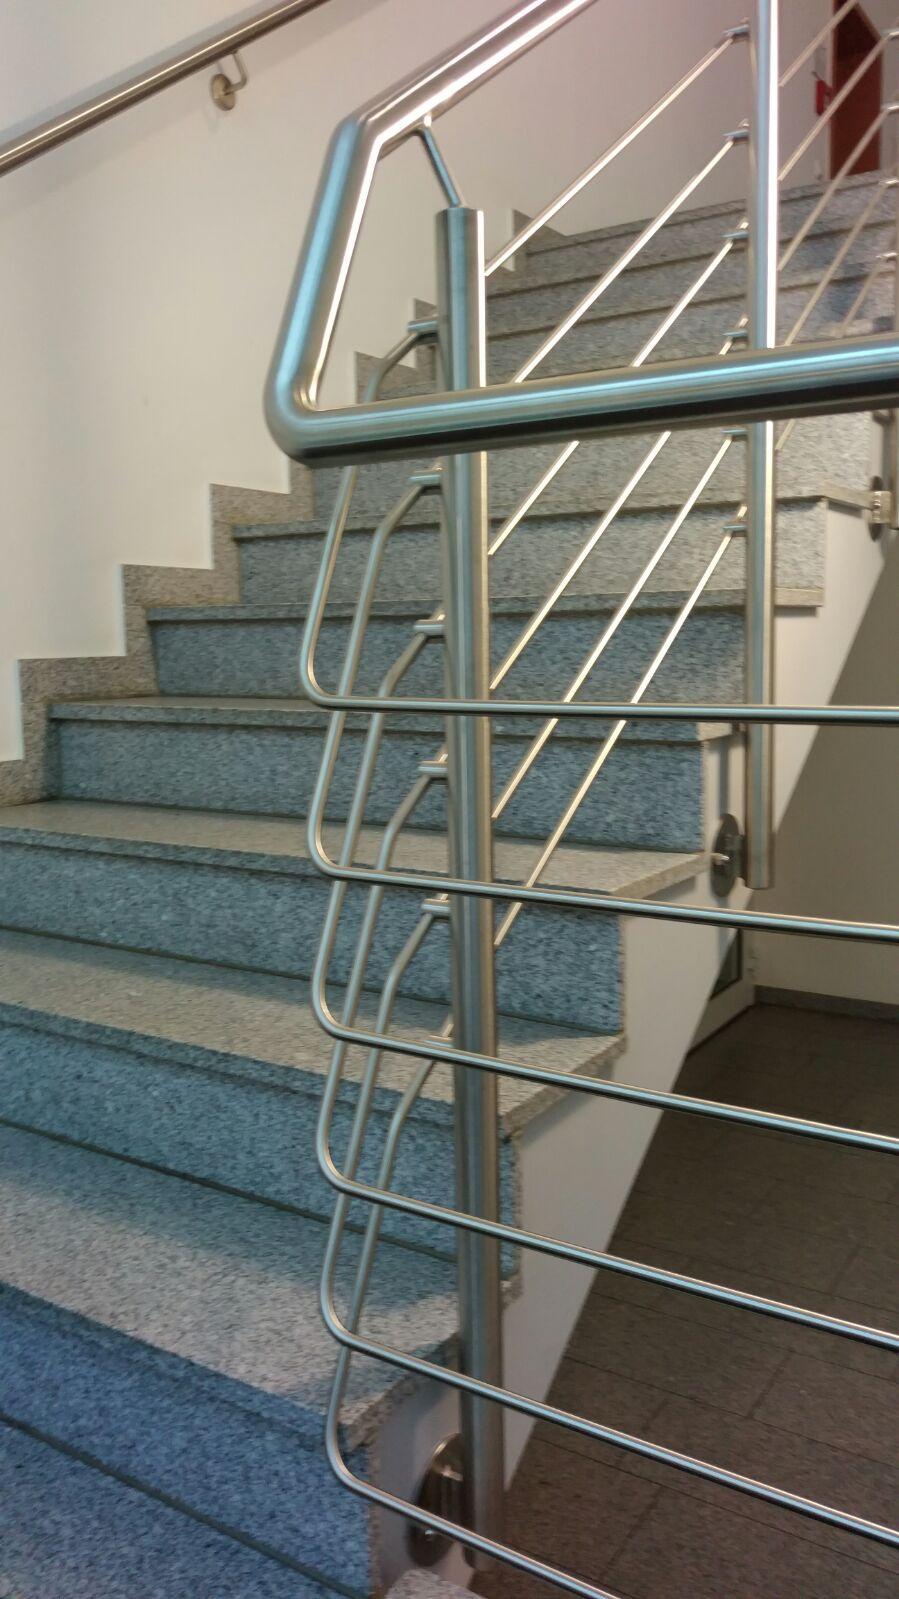 Durchgehender Edelstahlhandlauf eines Treppenhauses